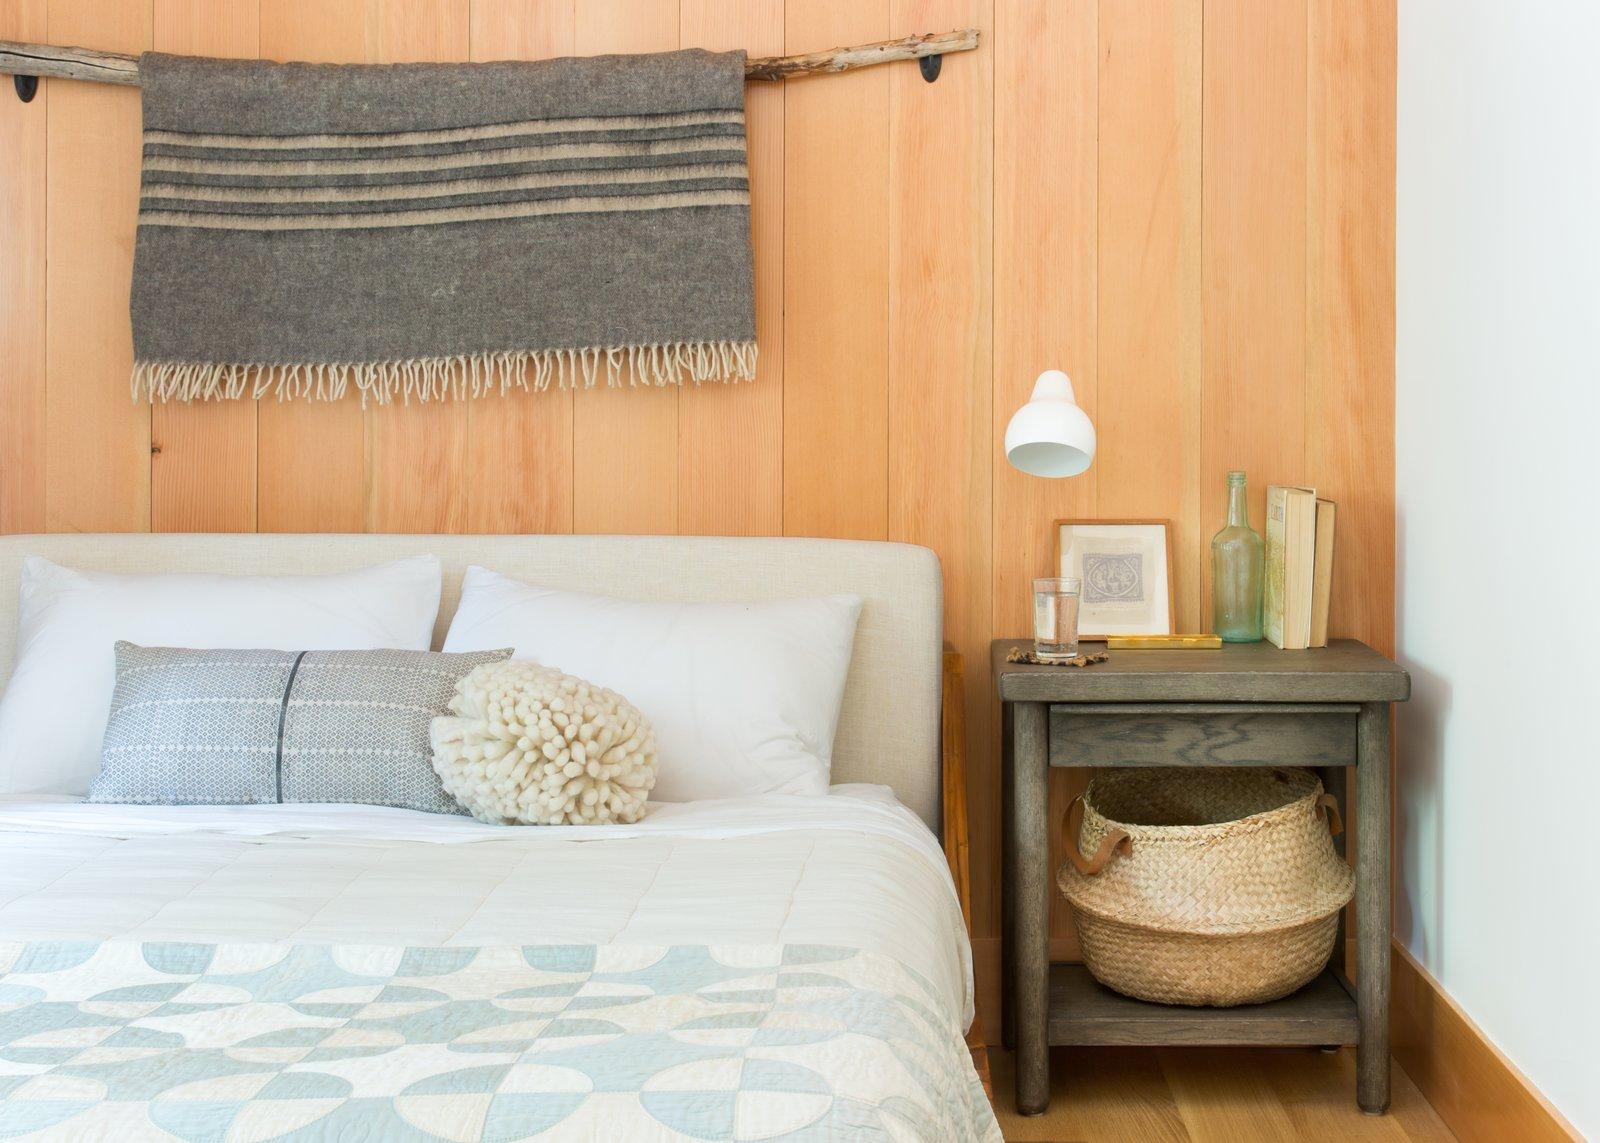 Bedroom, Night Stands, Bed, Light Hardwood Floor, and Wall Lighting  Woodsy Tahoe Cabin by Regan Baker Design